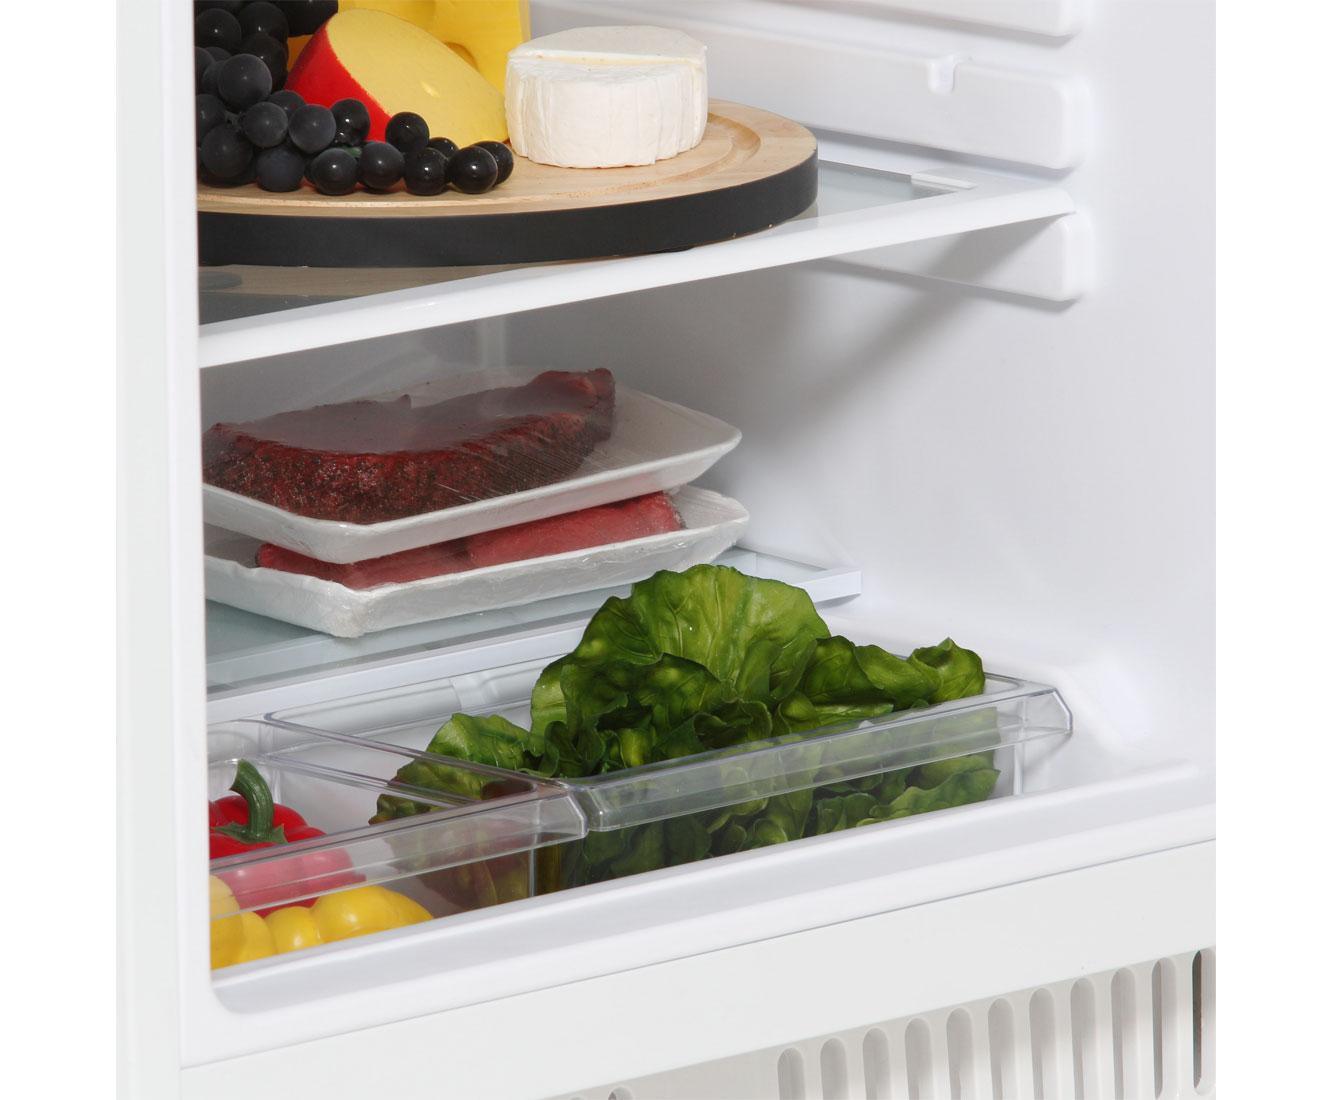 Amica Unterbau Kühlschrank 50 Cm : Energiesparende kühlschränke als einbaukühlschrank von expert